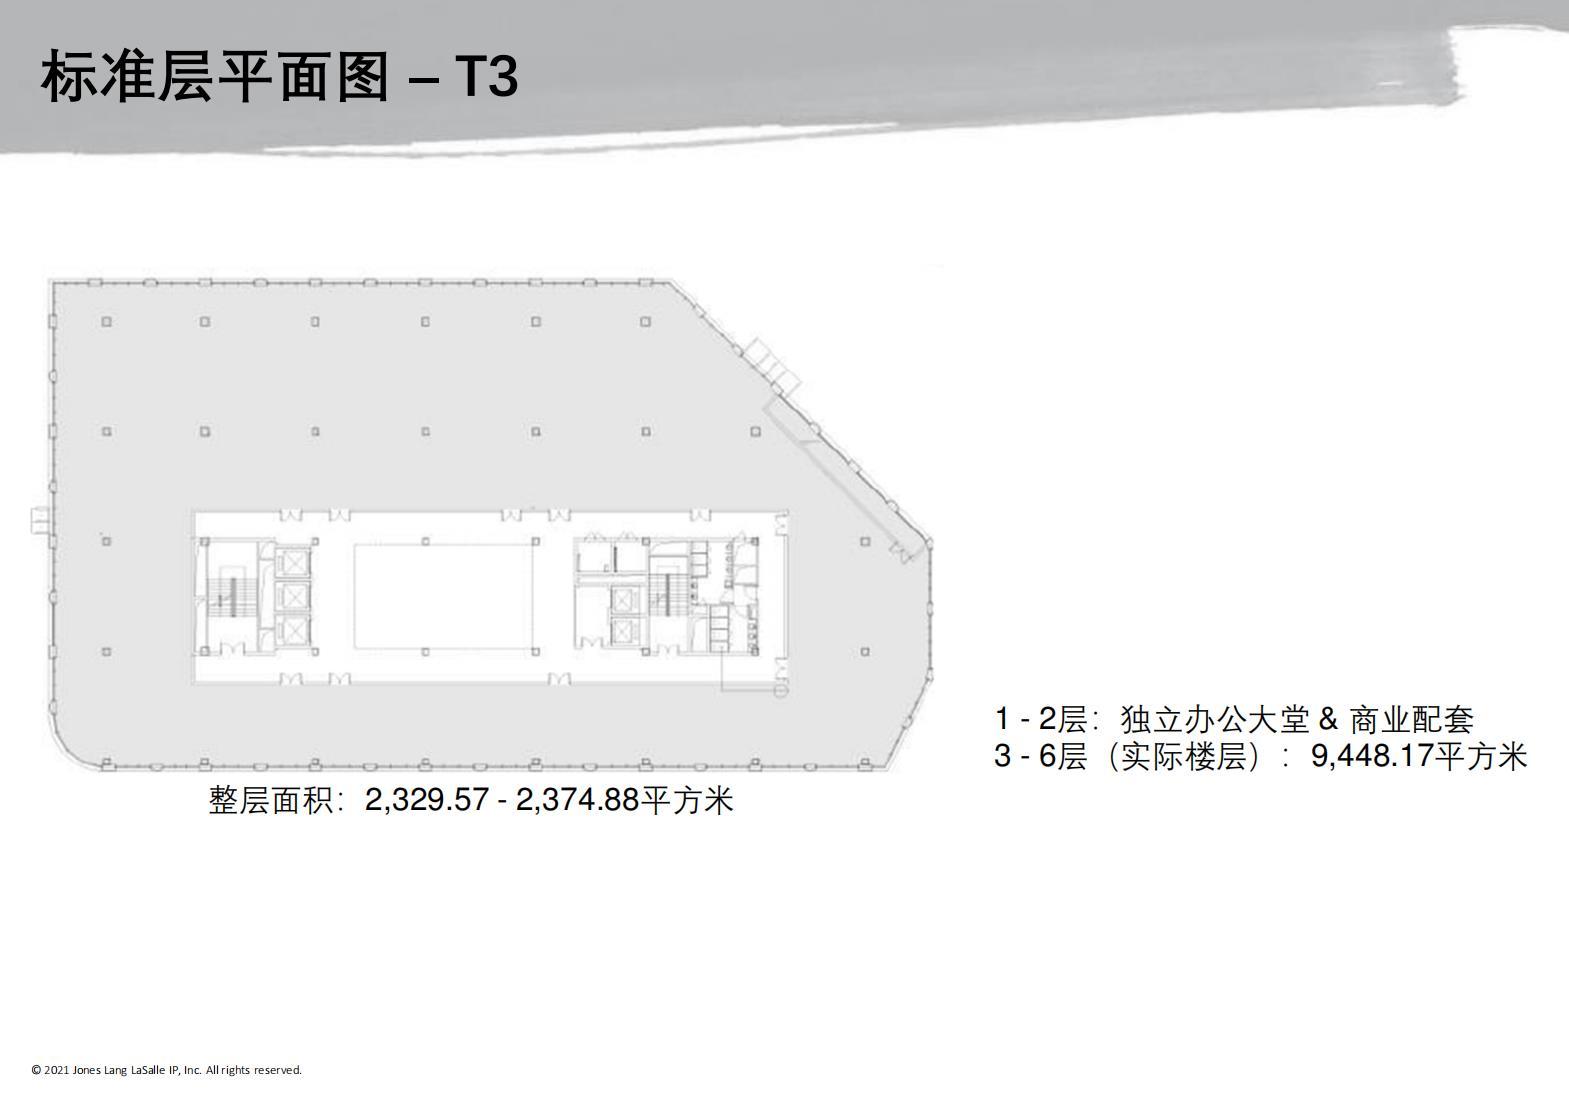 光大安石虹桥中心写字楼出租租赁中心